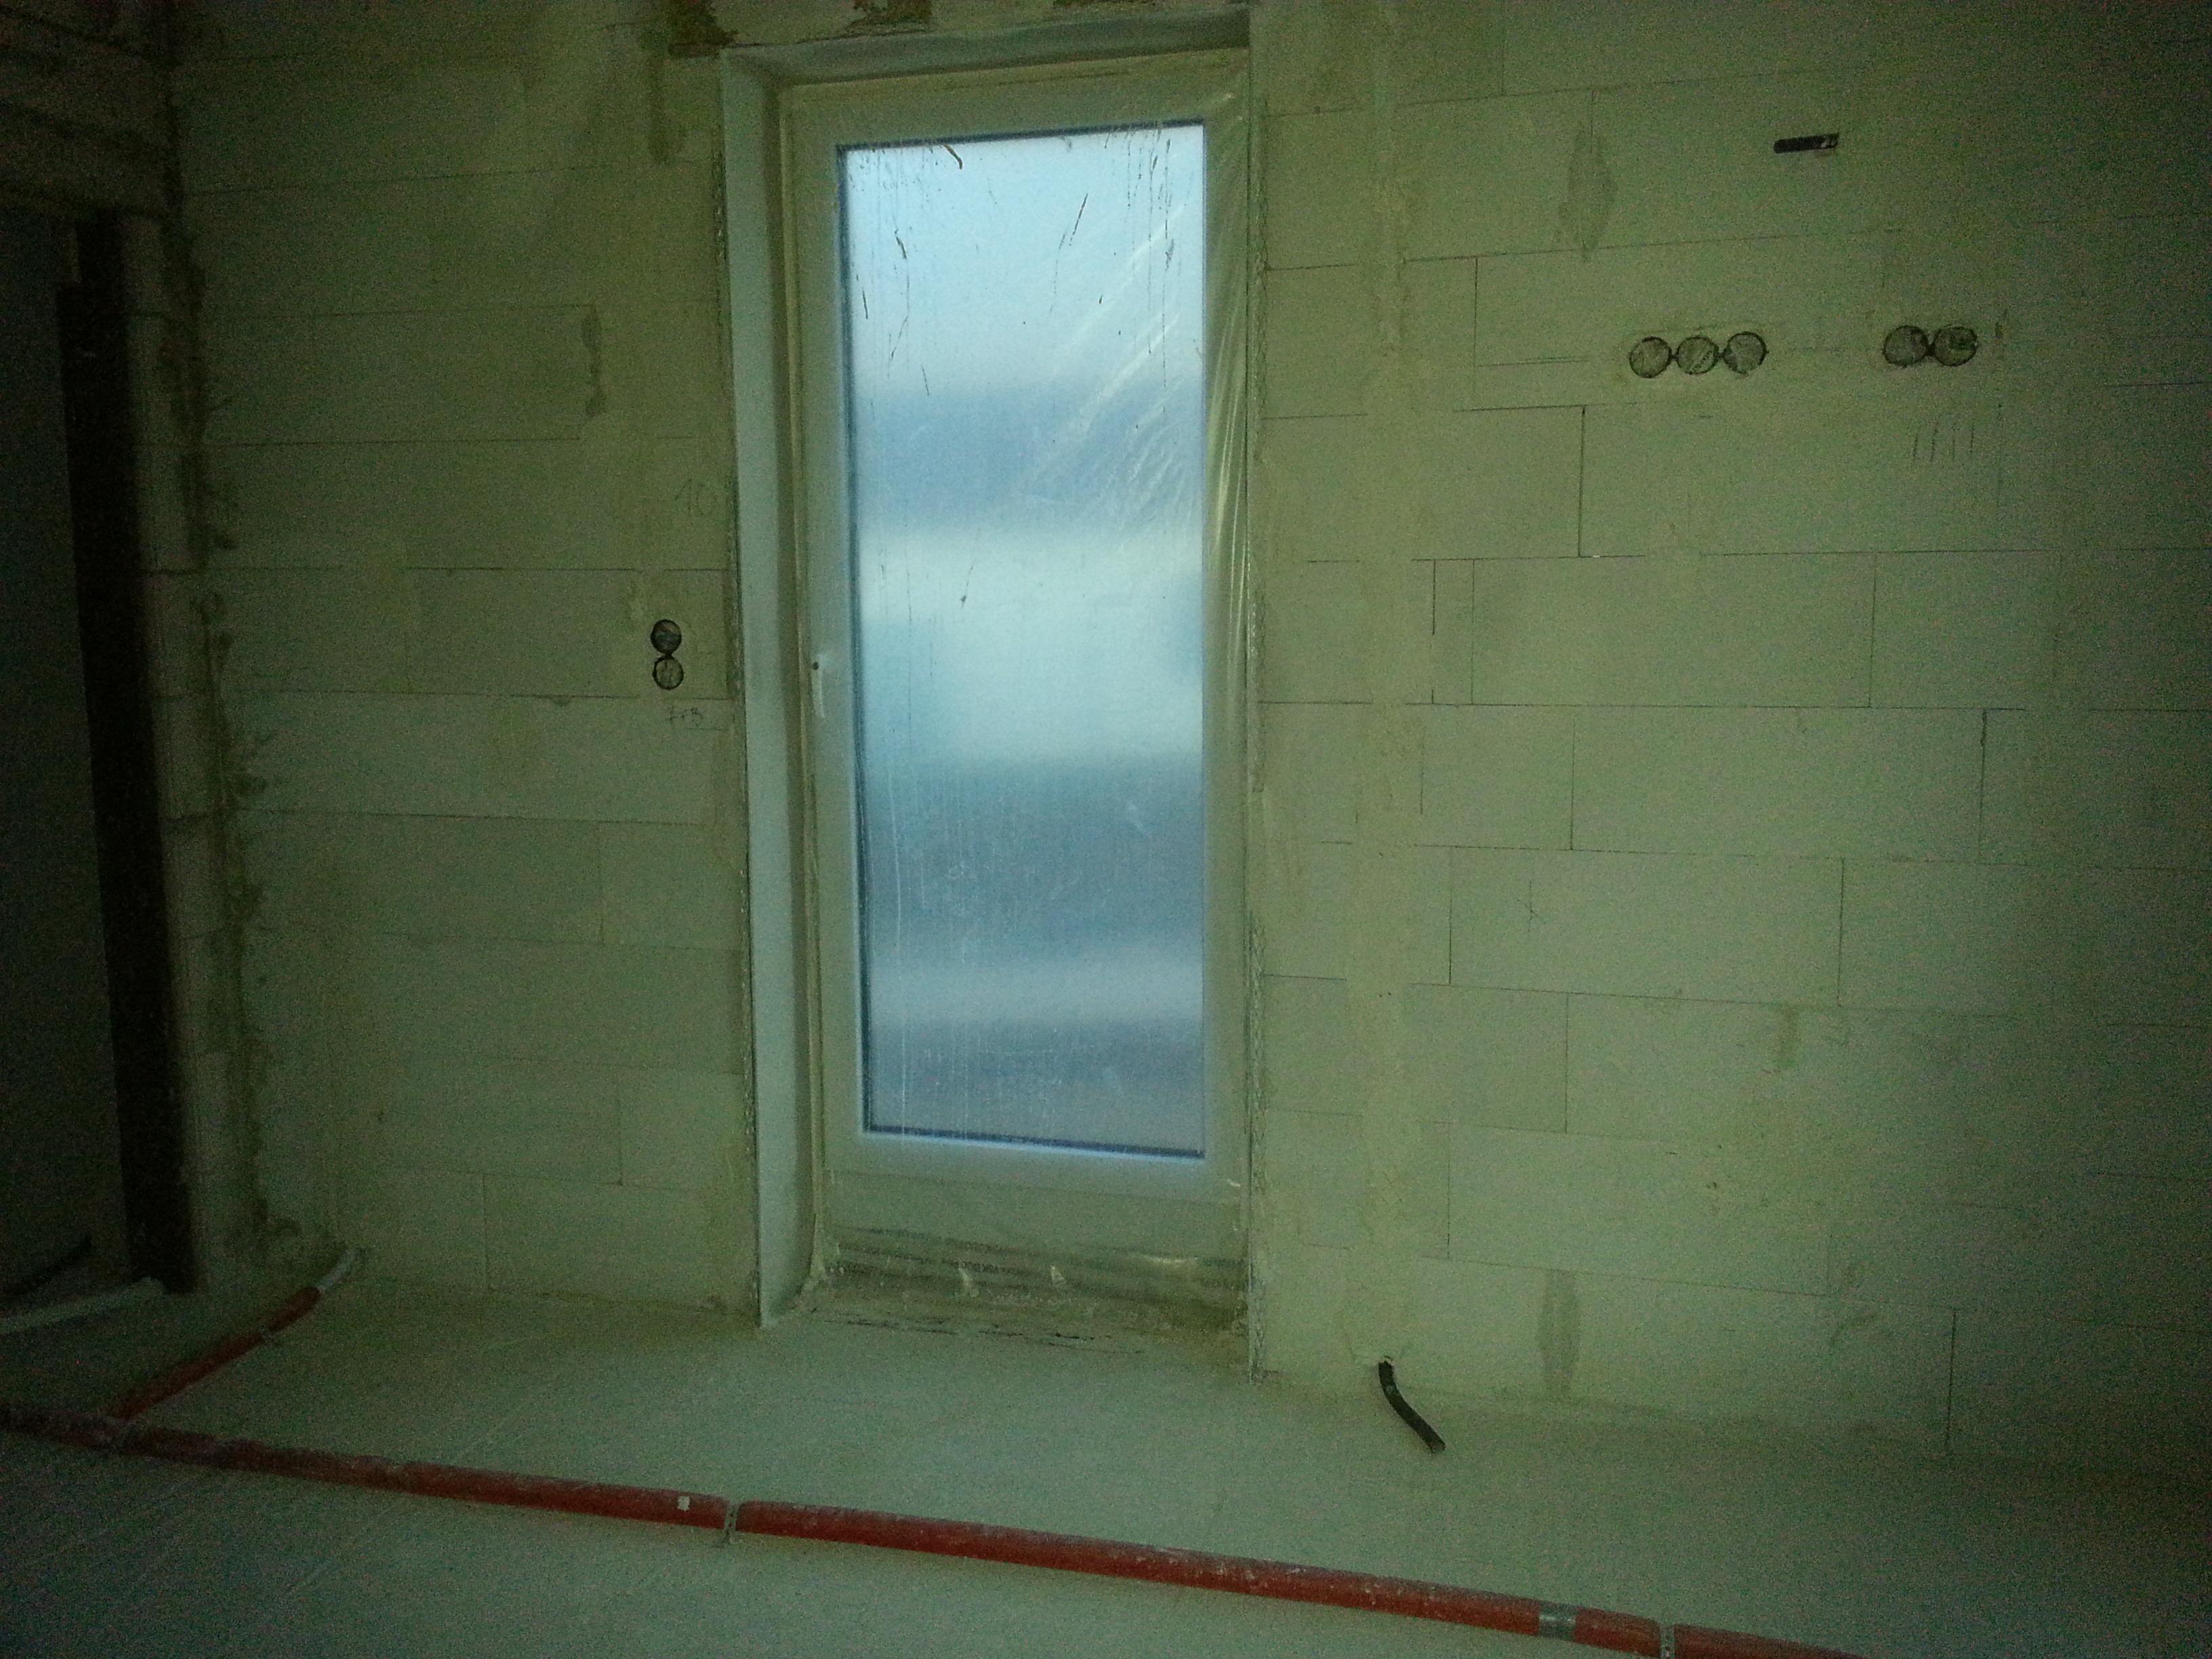 Fensterlaibung verputzen fensterlaibung verkleiden probleme alternativen fensterlaibung - Fensterlaibung innen dammen ...